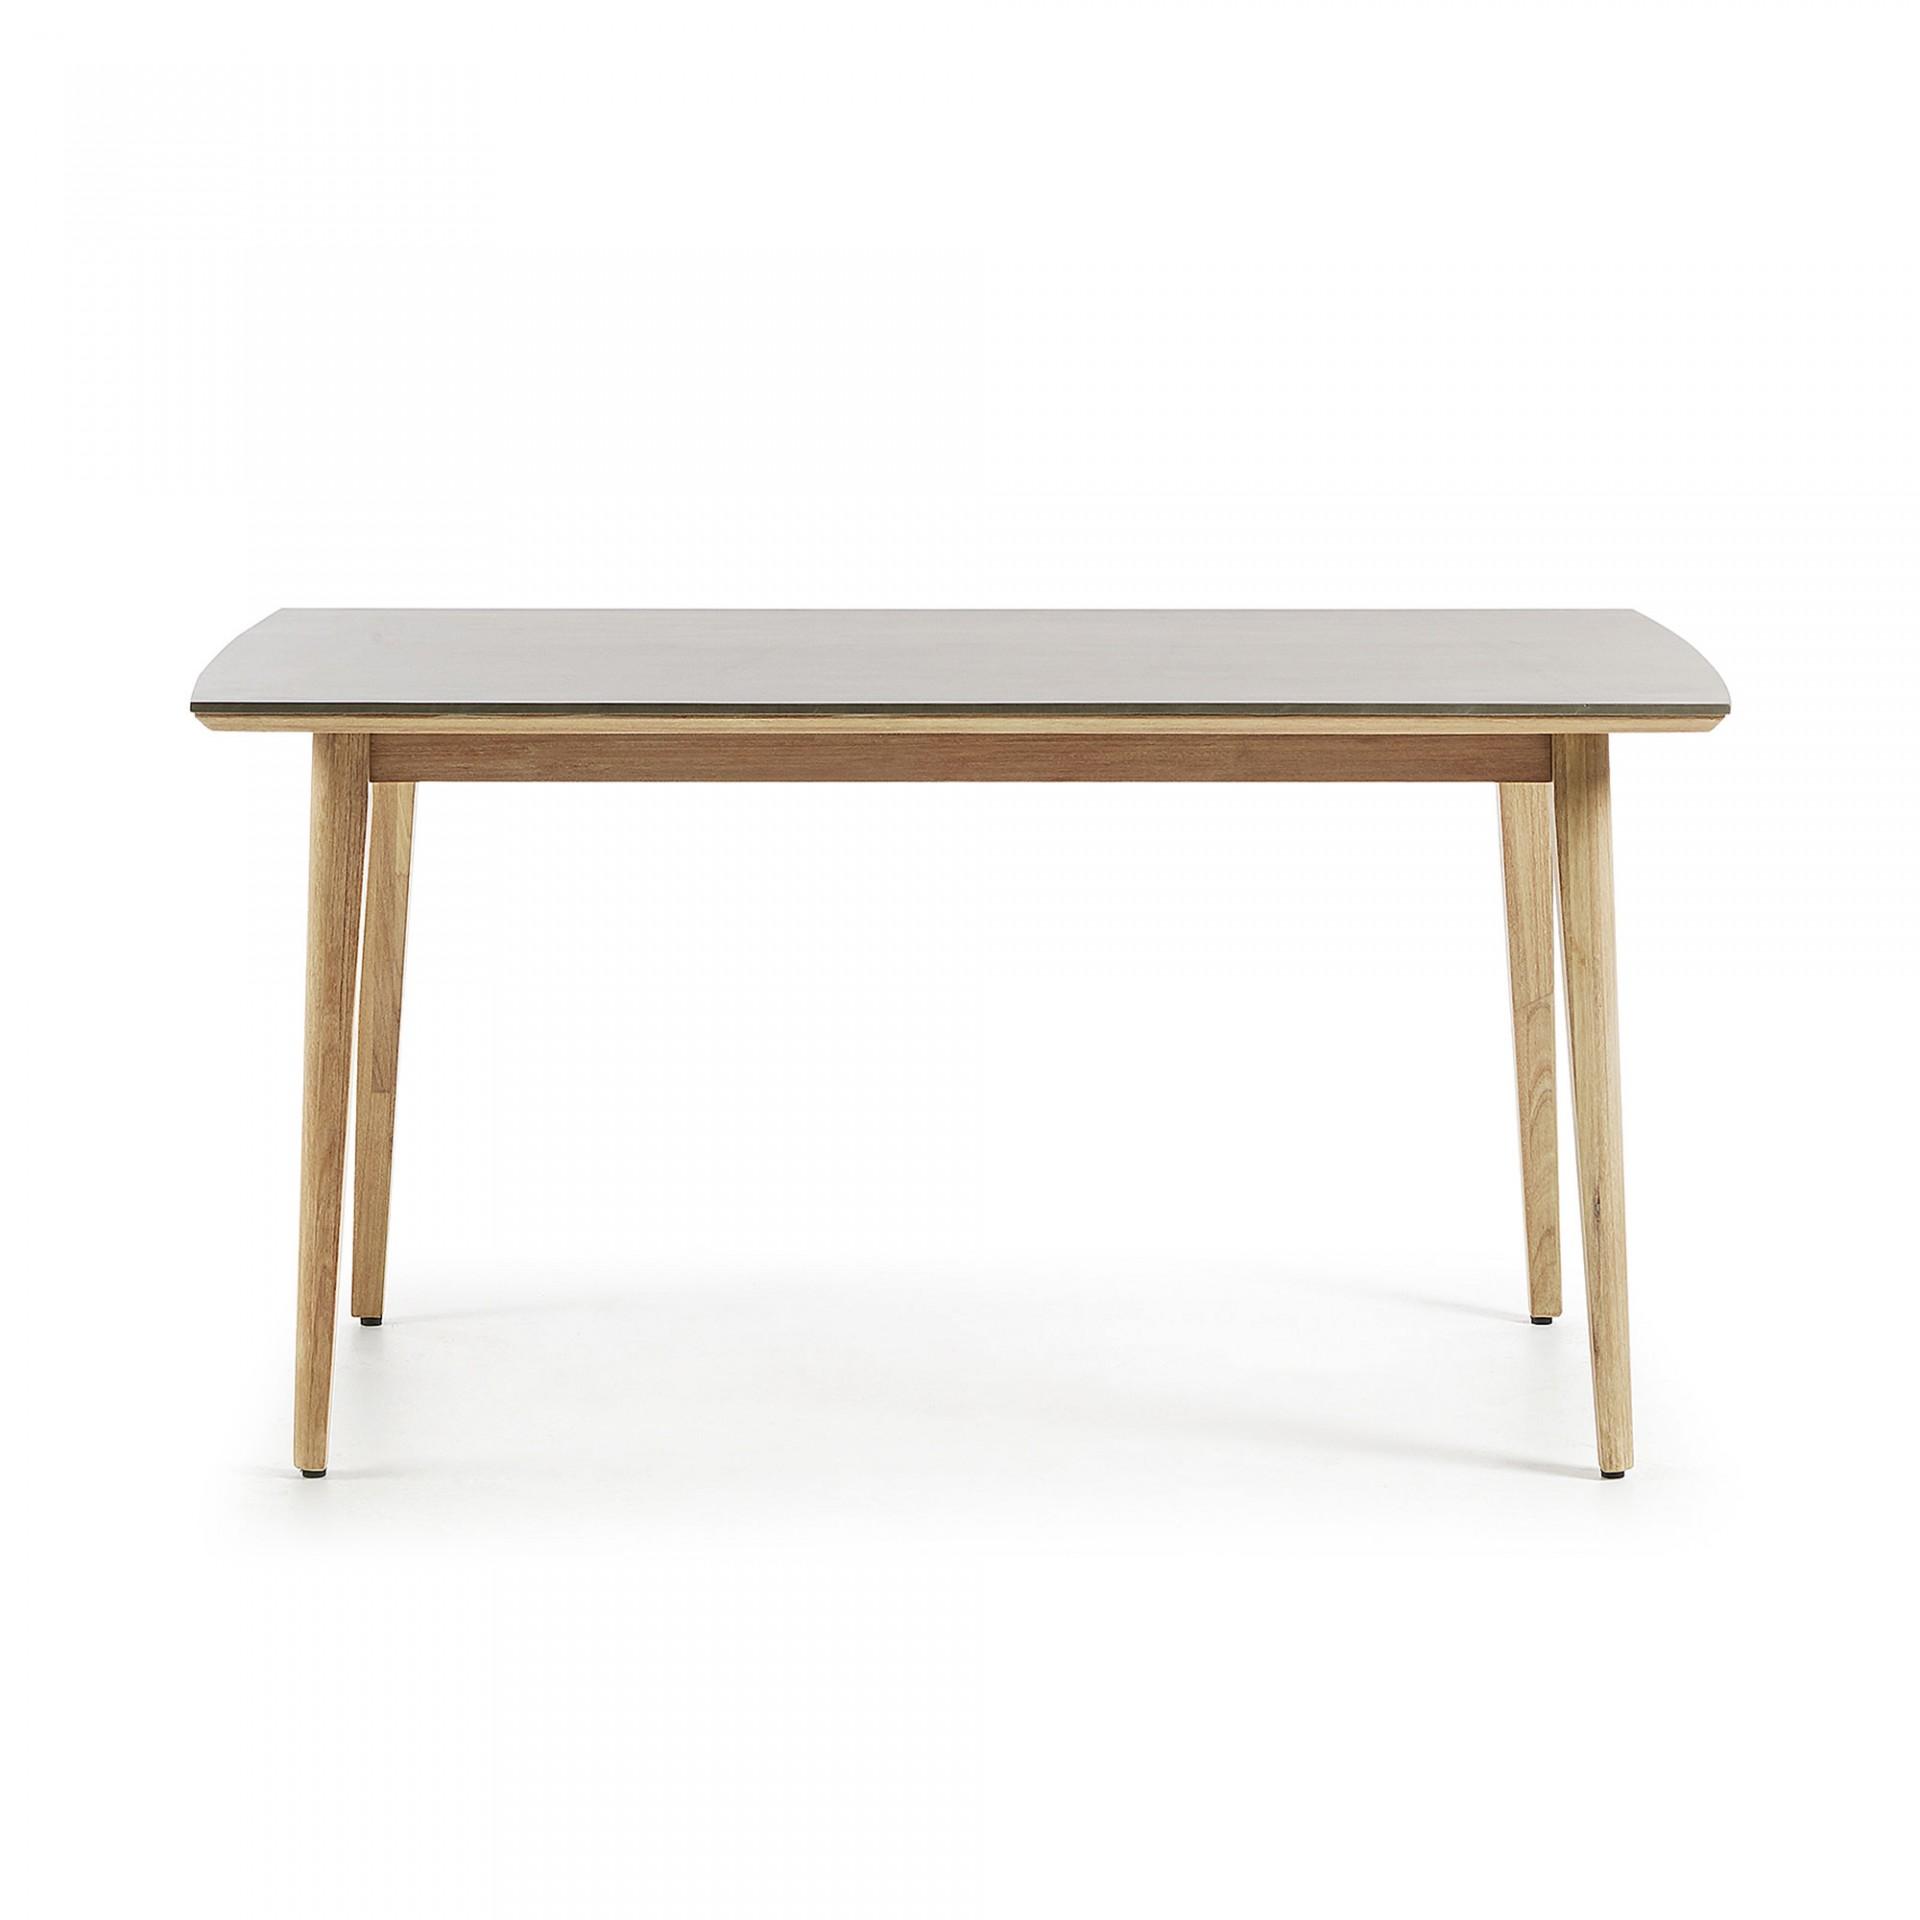 Mesa de jantar c/tampo em poli-cimento, madeira de eucalipto, 160x90 cm